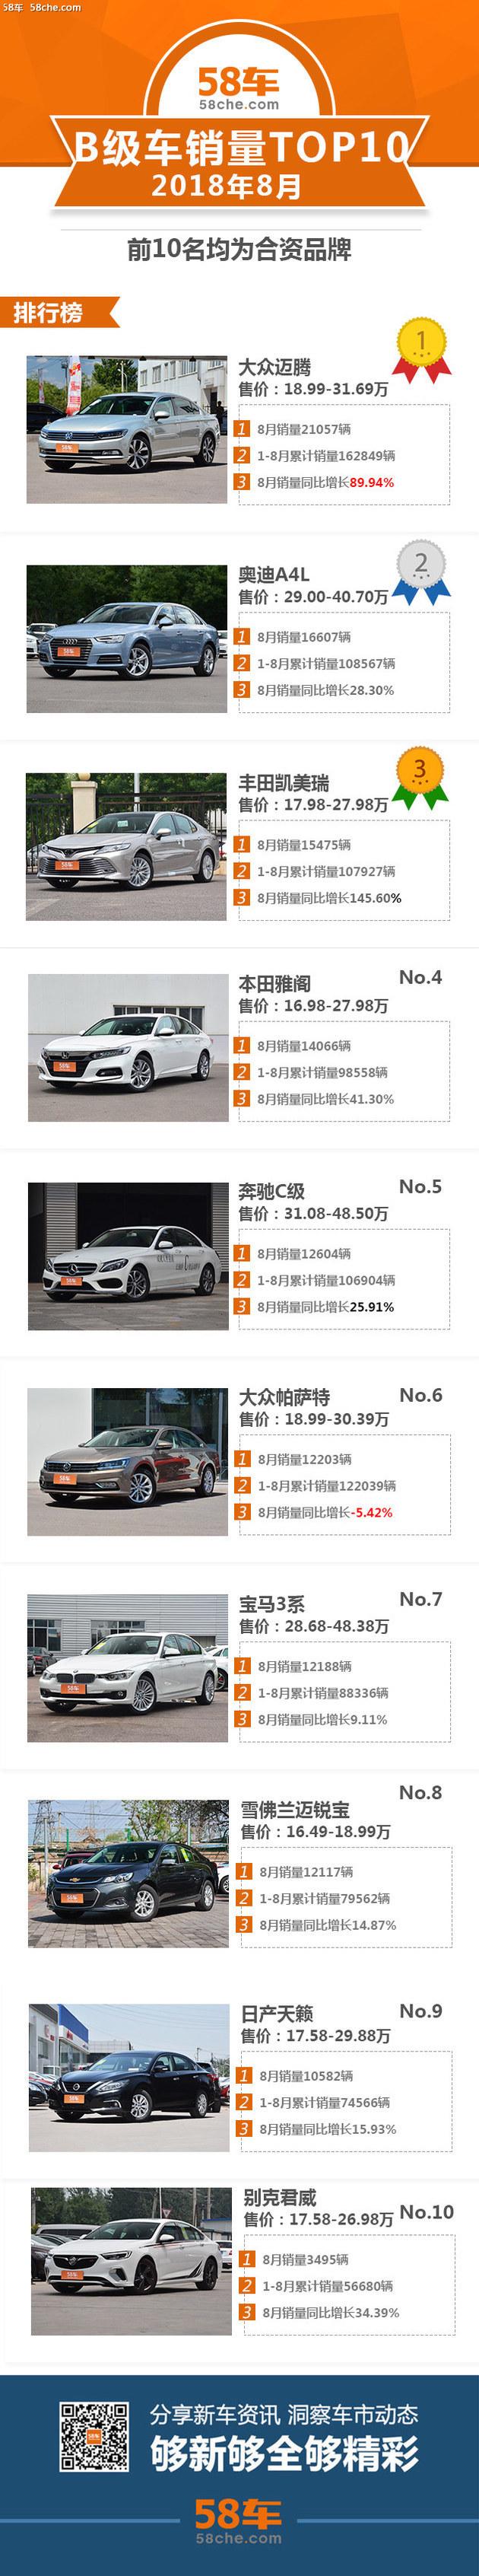 8月B级轿车销量TOP10 迈腾/A4L/凯美瑞前三